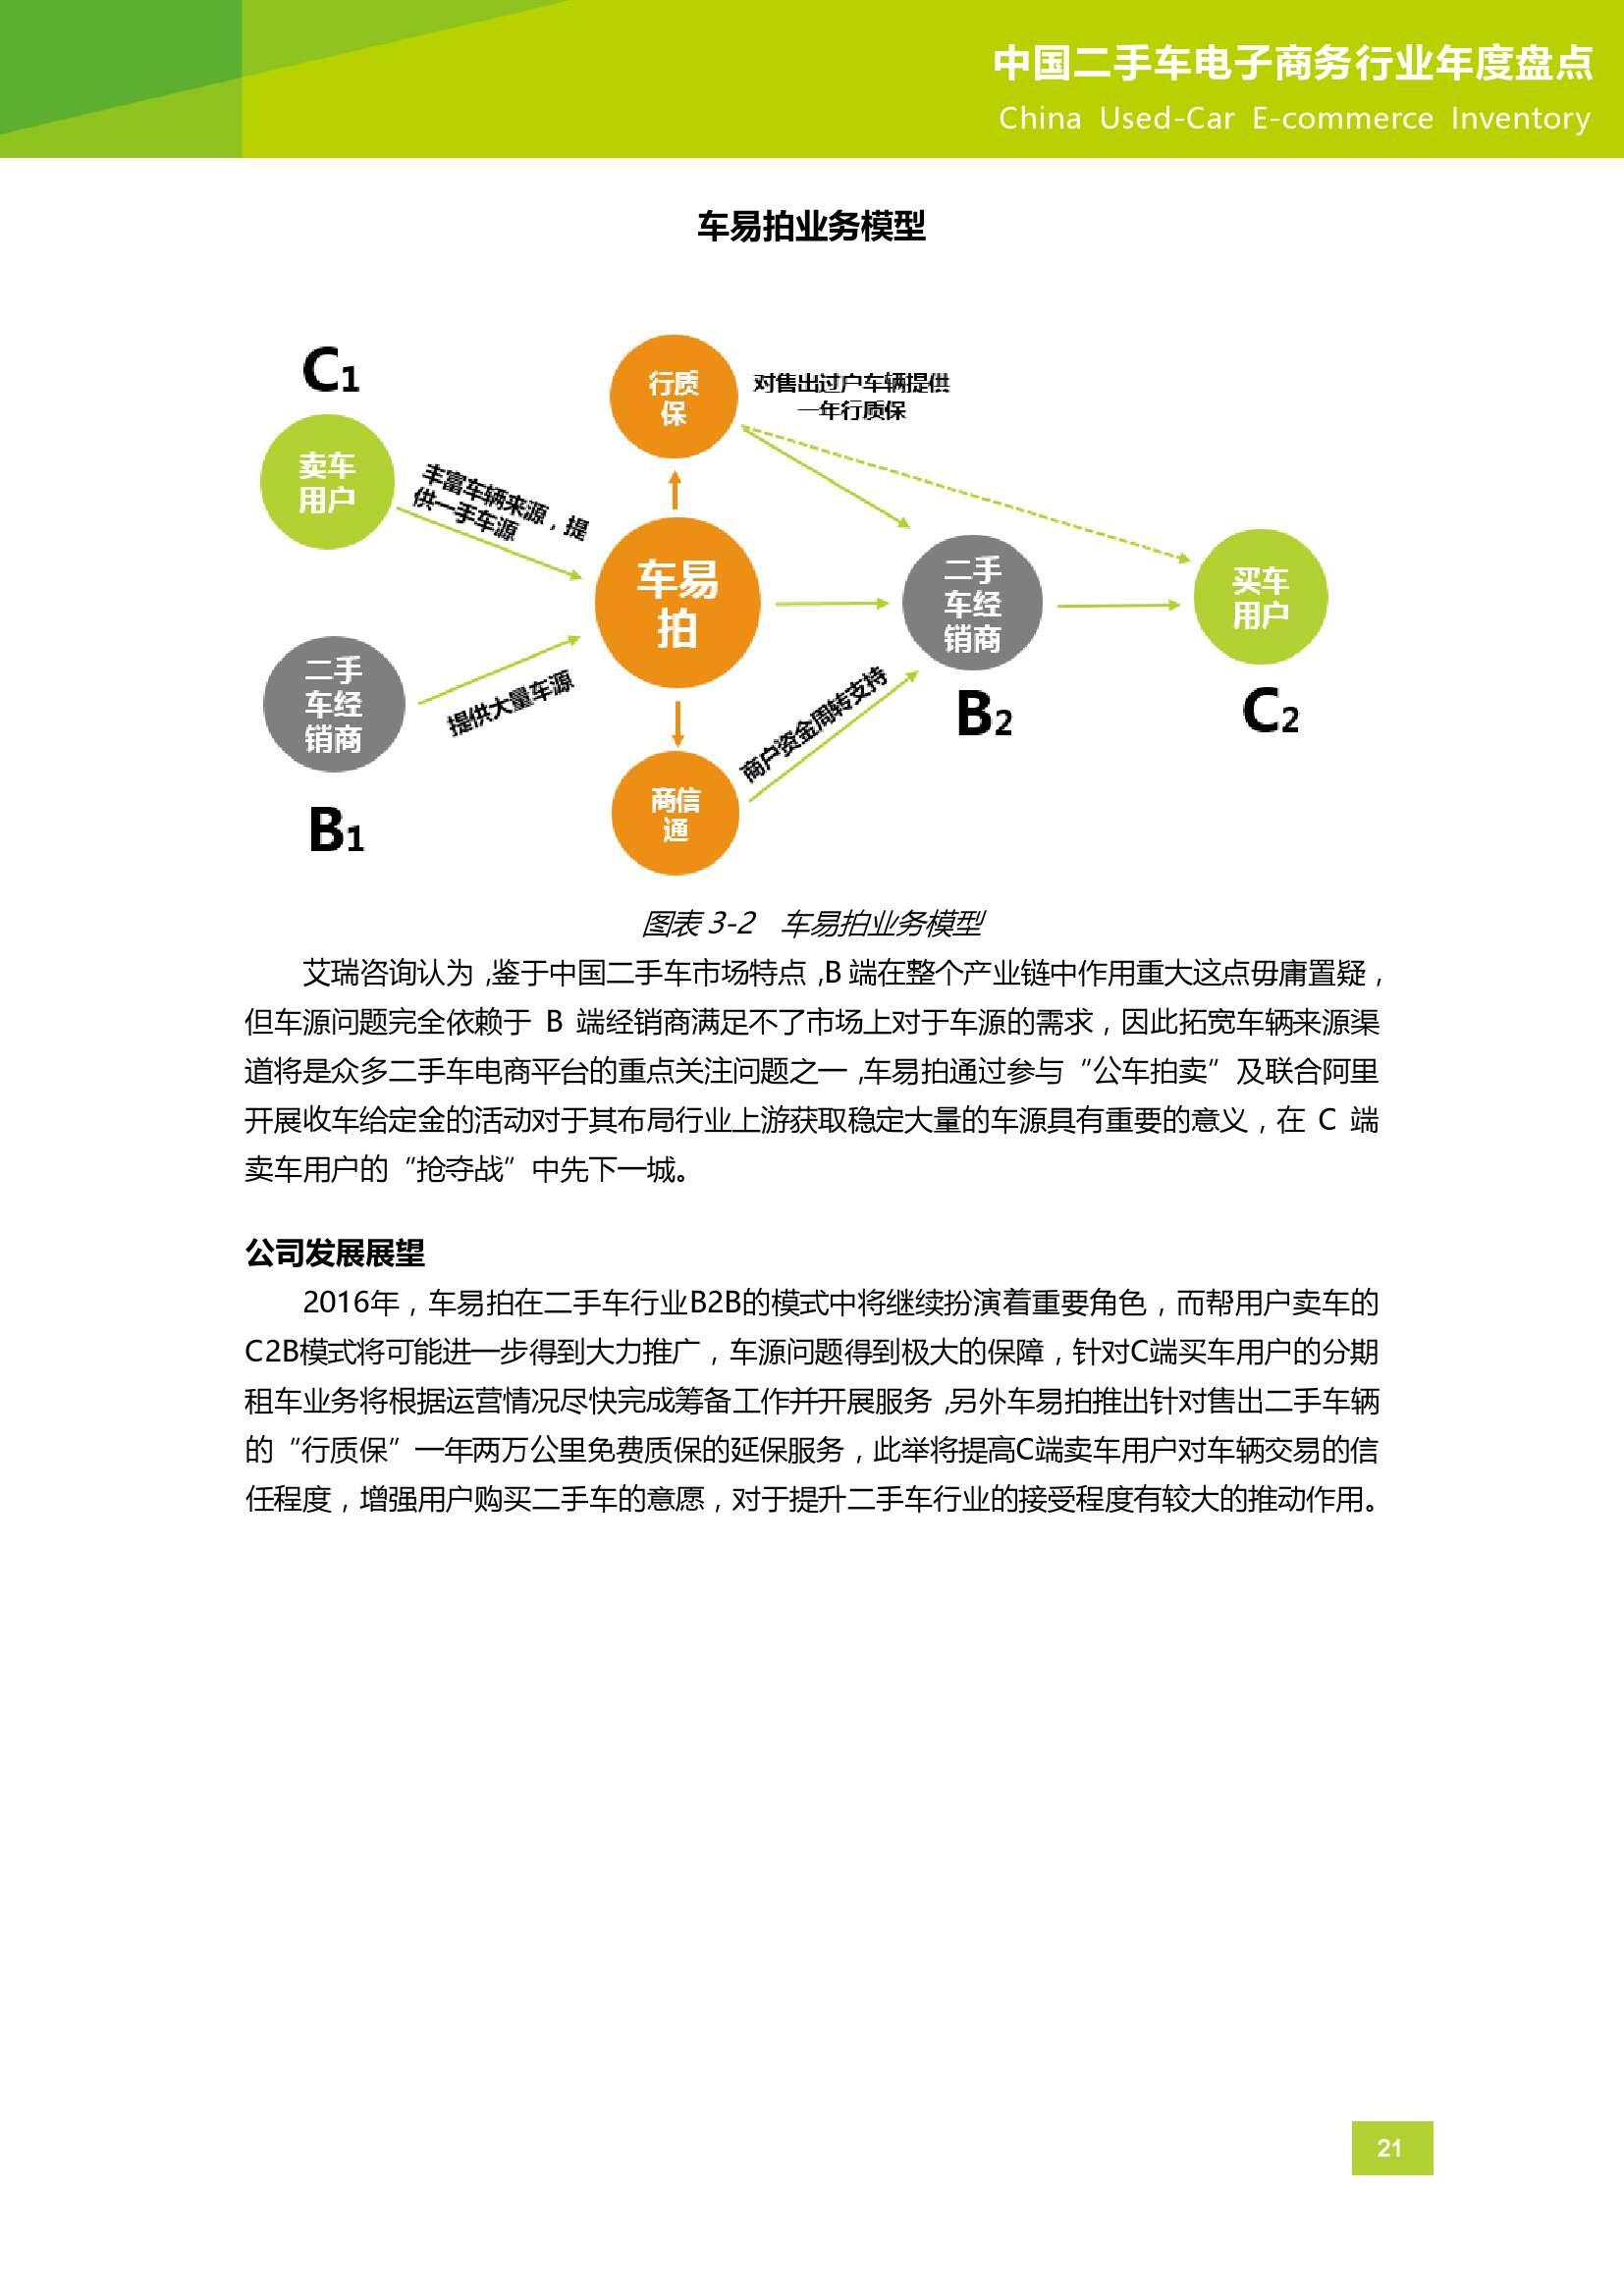 2015年中国二手车电子商务行业年度盘点_000022